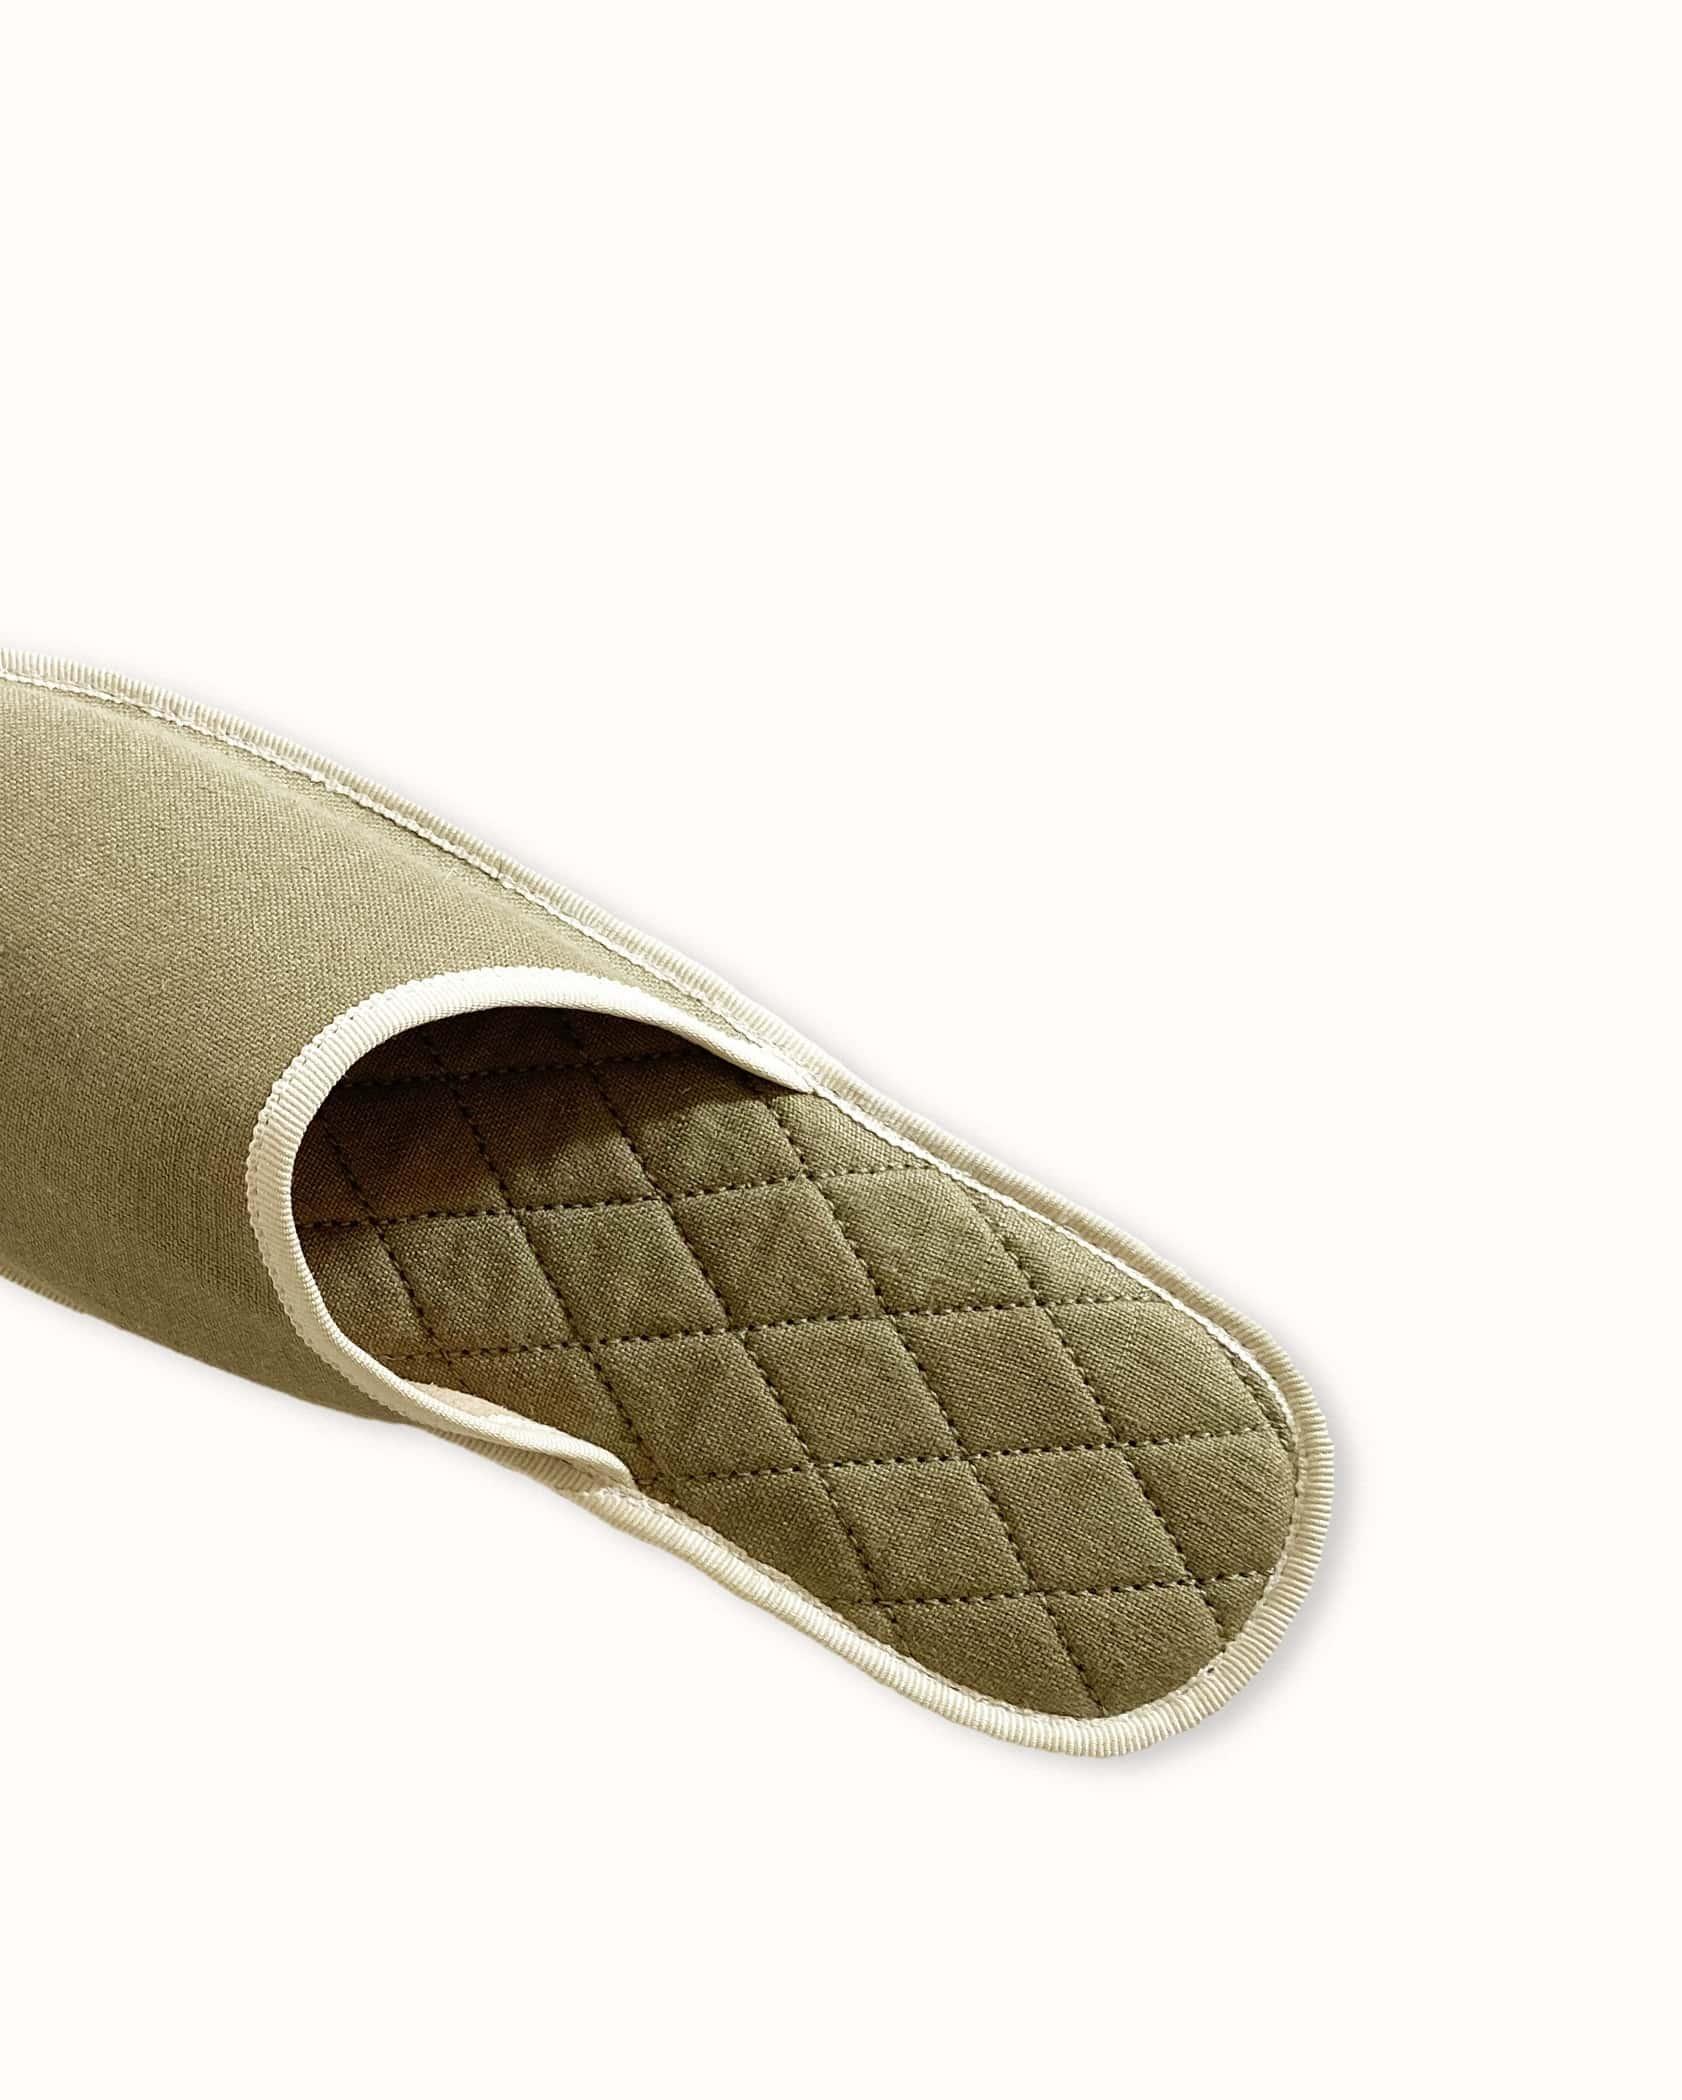 Chausson français pour homme, femme et enfant fabriqué en France. Modèle Insomnie (vert et beige), une pantoufle comme à l'hôtel vêtue d'un rembourrage matelassé et d'une finition sophistiquée.